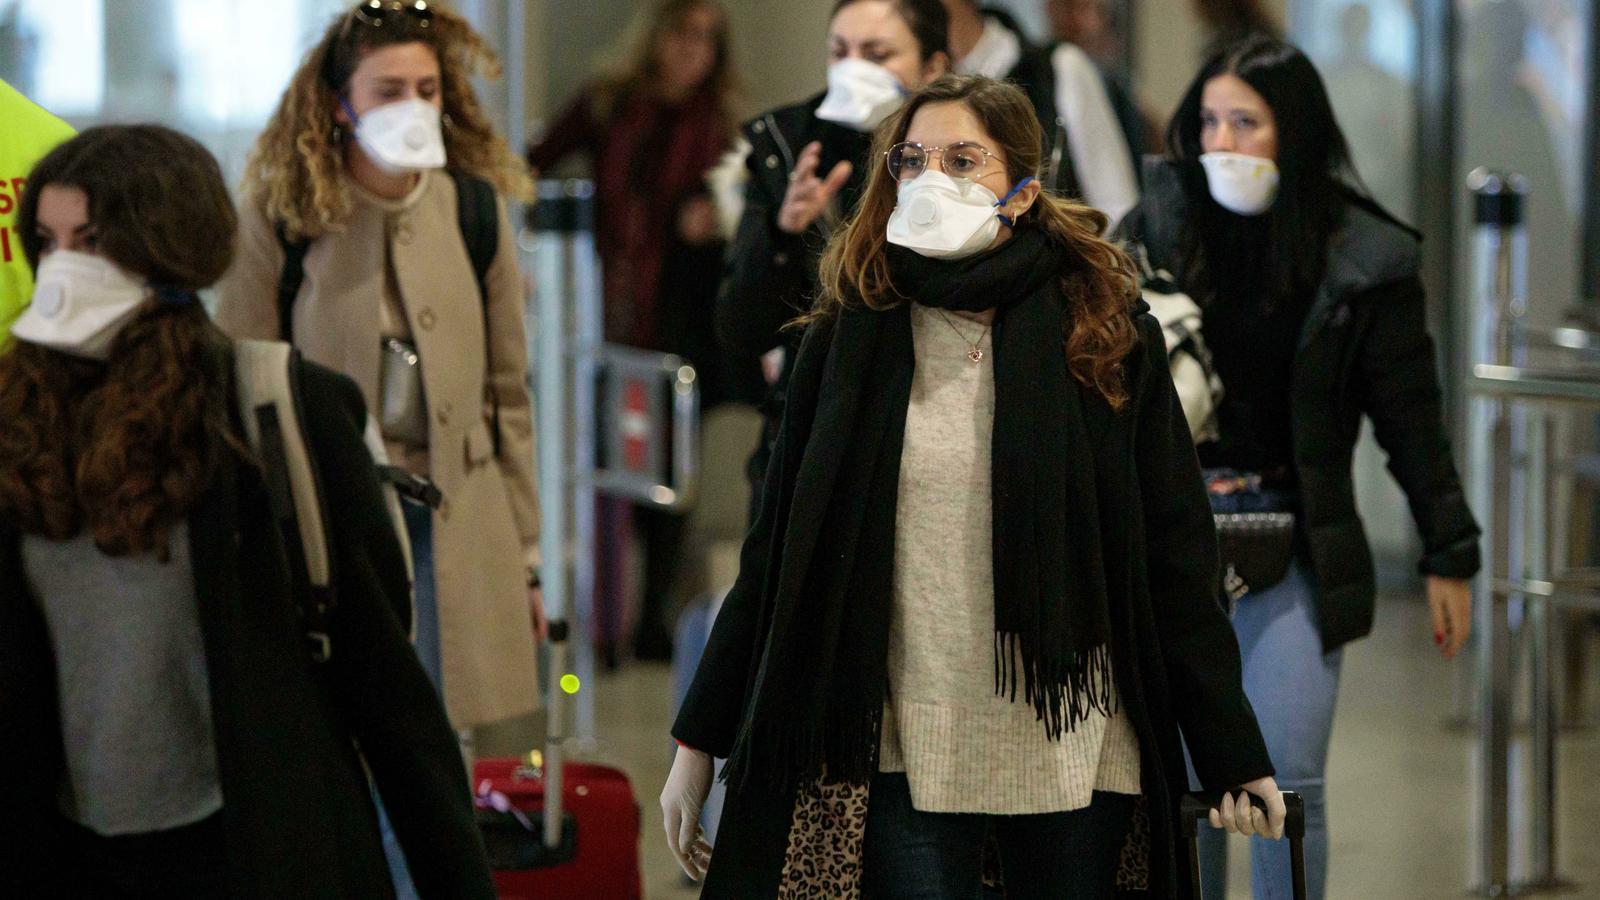 Viajeros procedentes de Italia protegidos con mascarillas a su llegada al aeropuerto de Manises